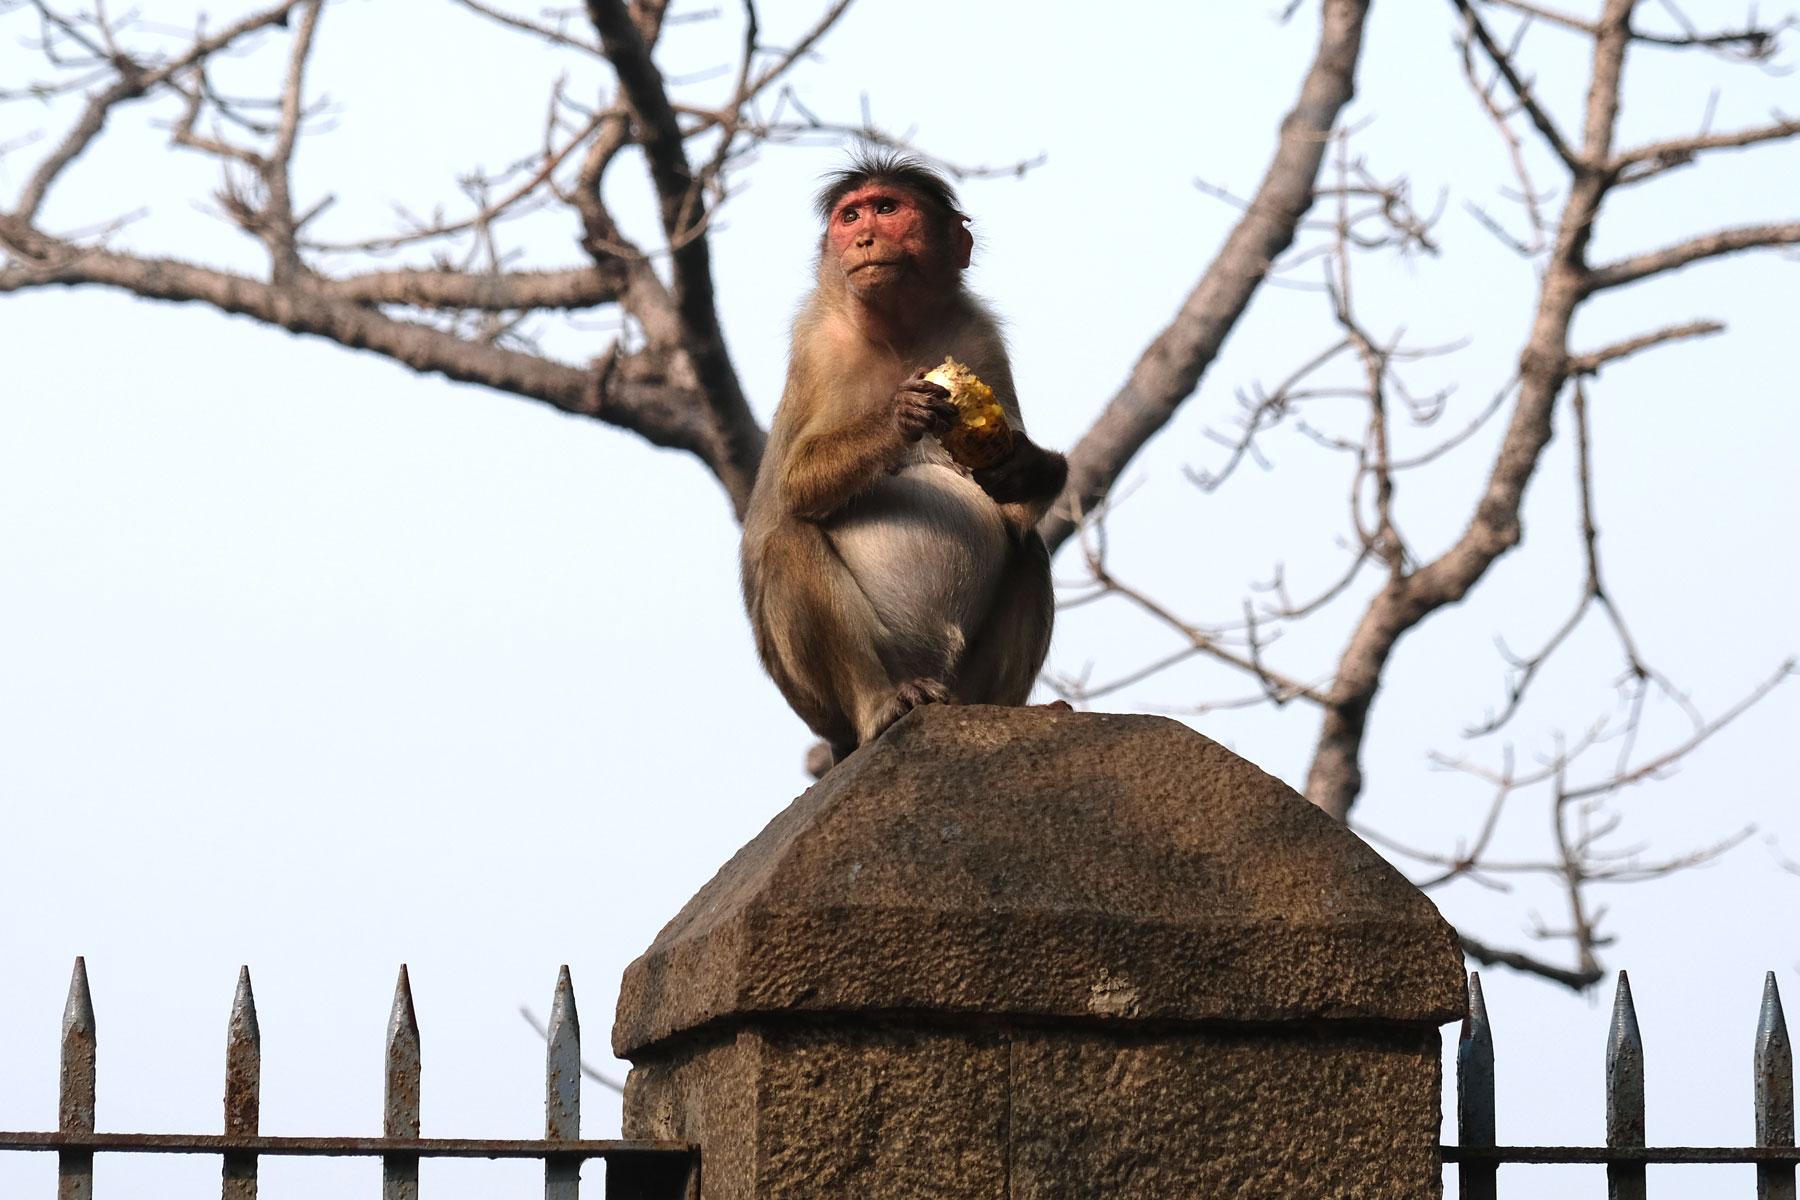 Ein Affe sitzt auf einem Pfosten und hält ein Stück Brot in der Hand.